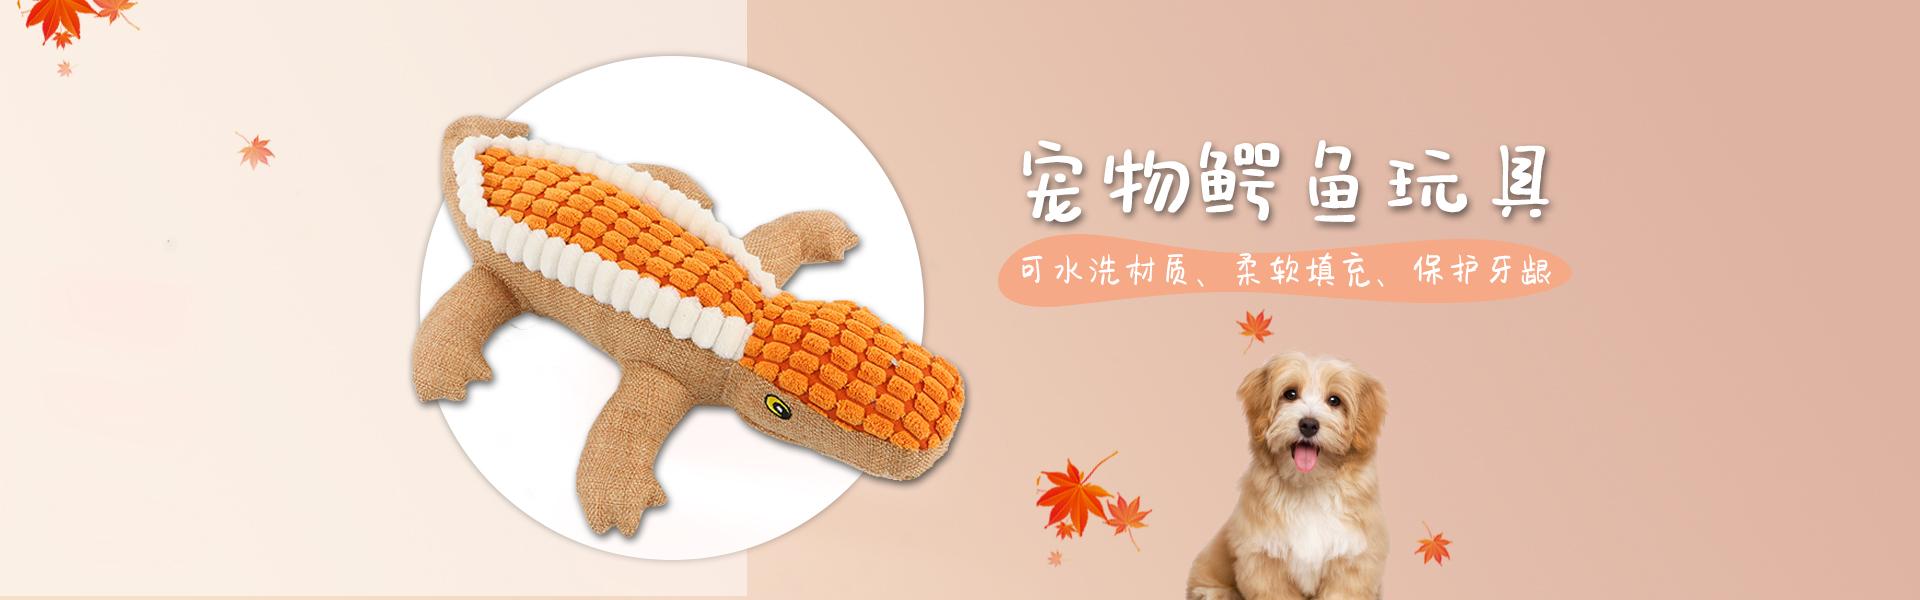 南通高鹏宠物用品有限公司